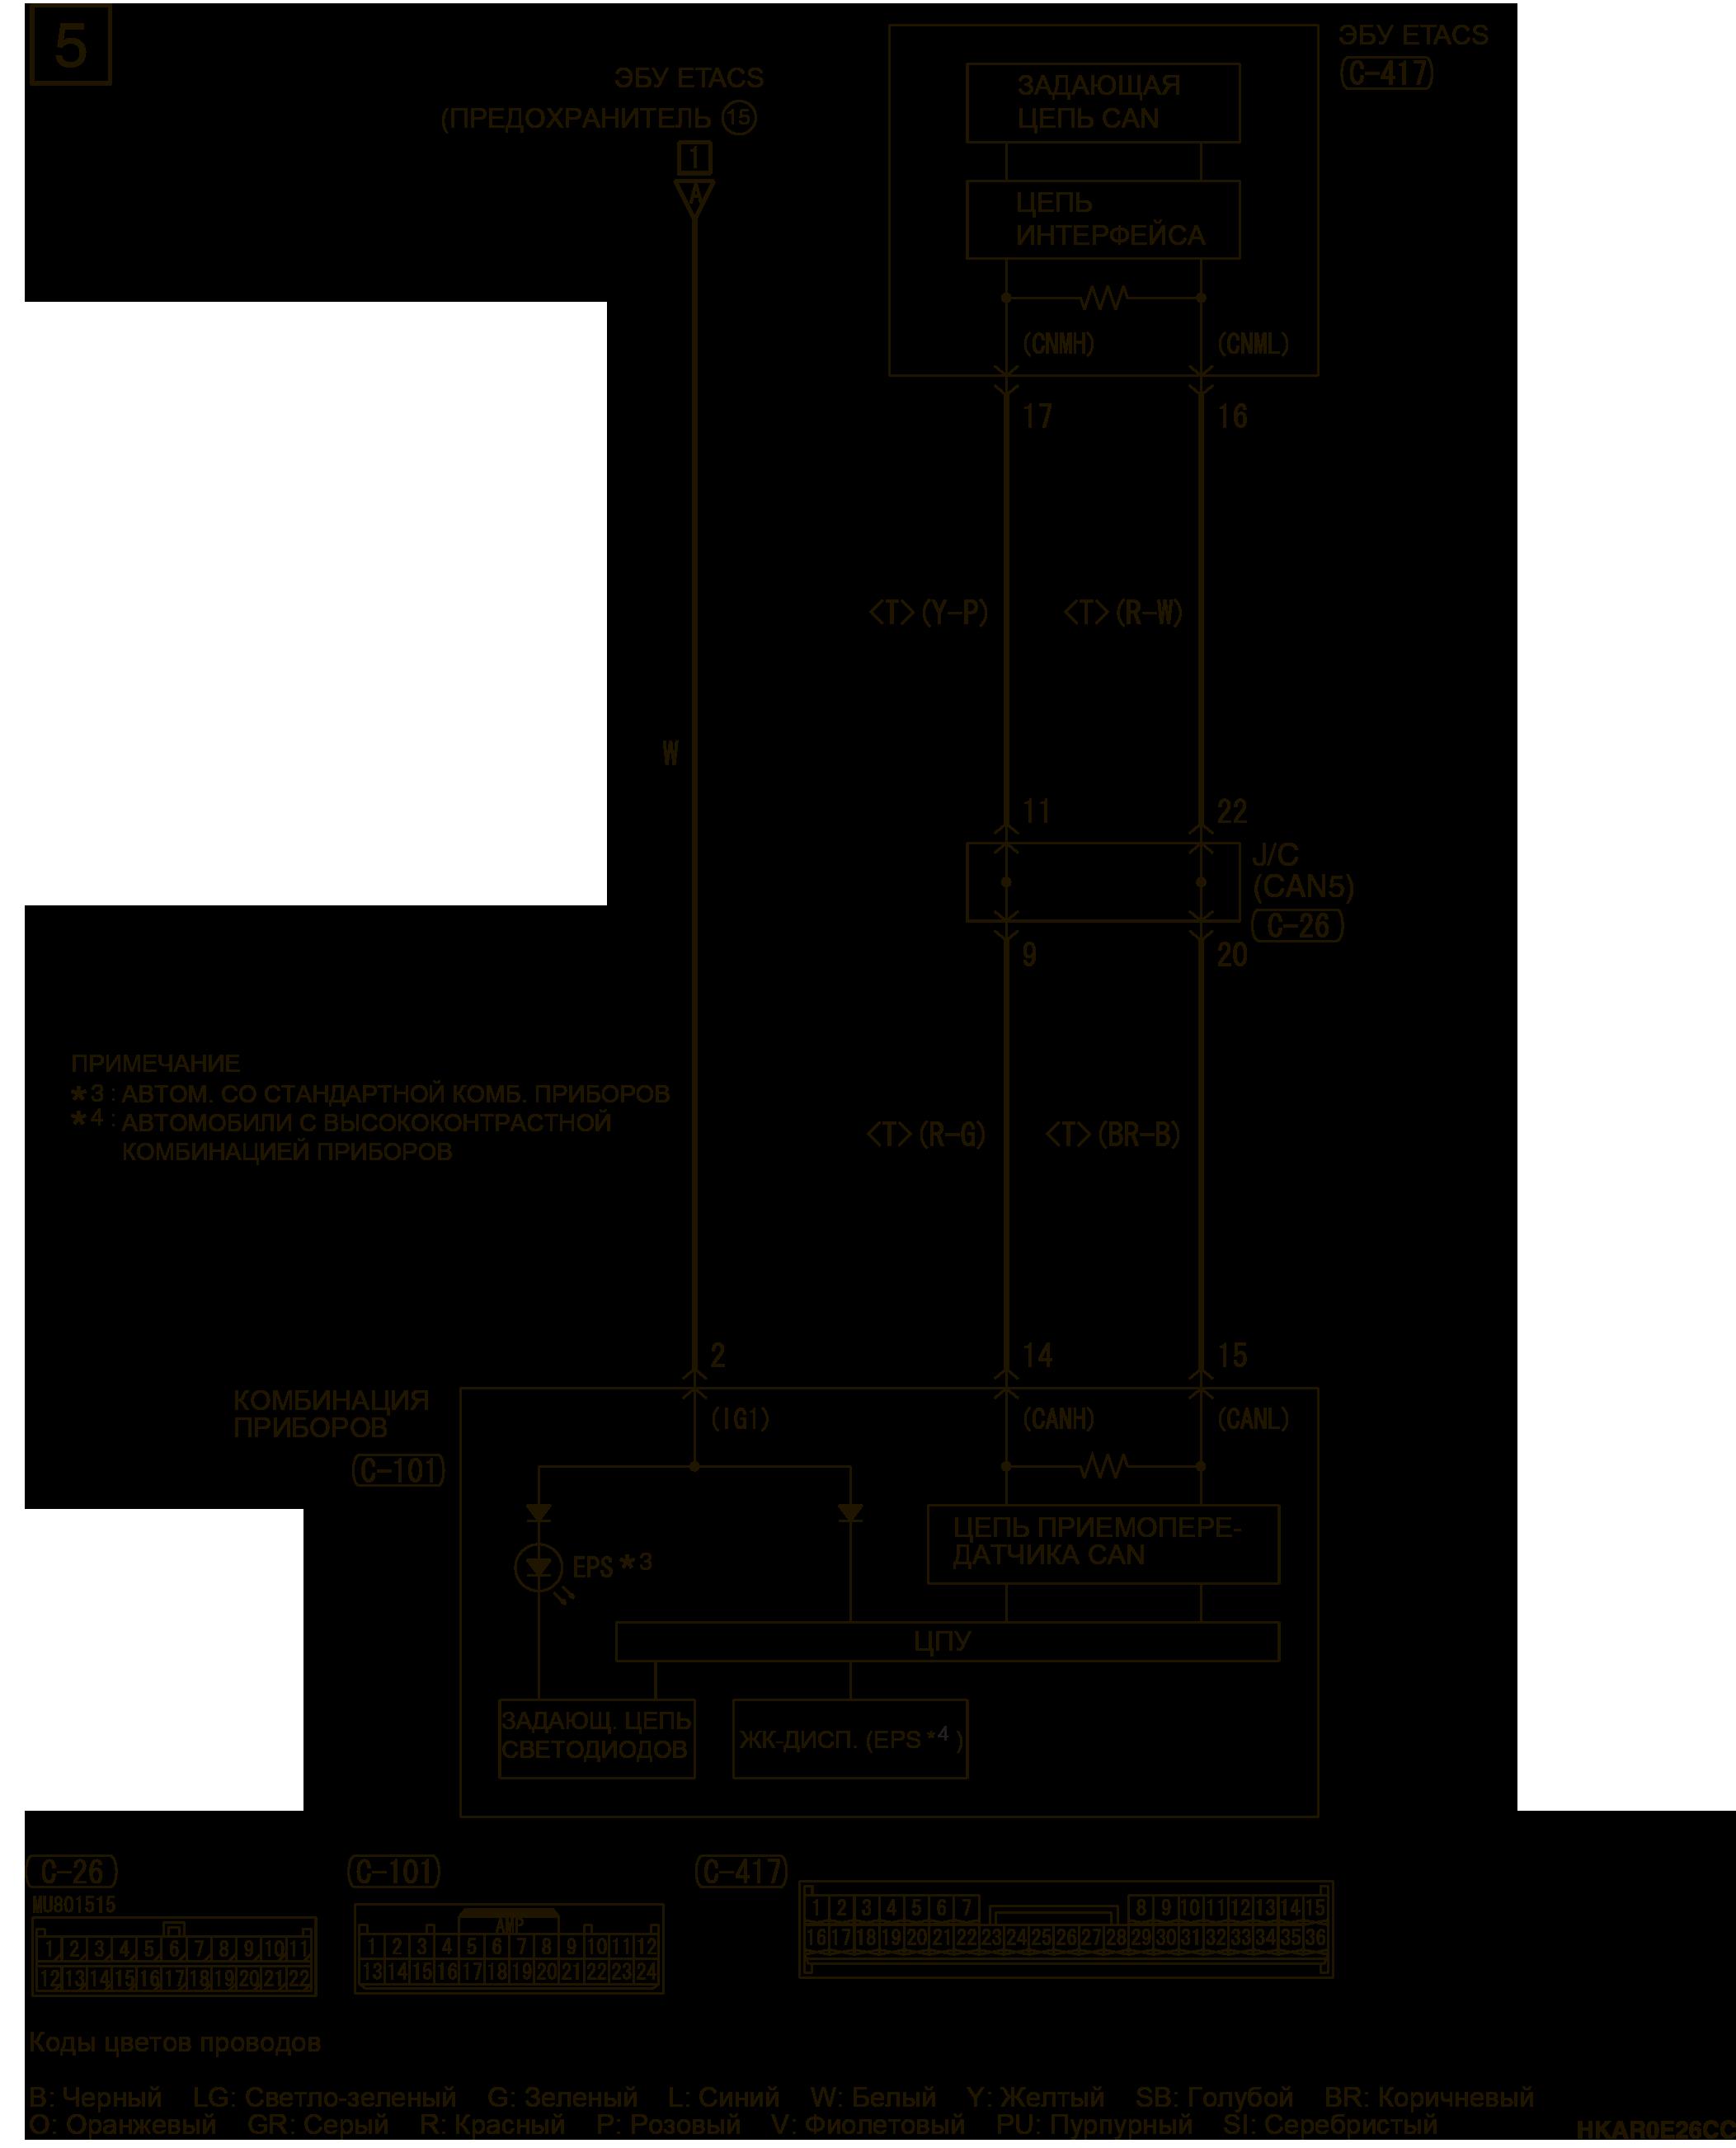 mmc аутлендер 3 2019 электросхемаЭЛЕКТРИЧЕСКИЙ РУЛЕВОЙ УСИЛИТЕЛЬ ПРАВАЯ СТОРОНА